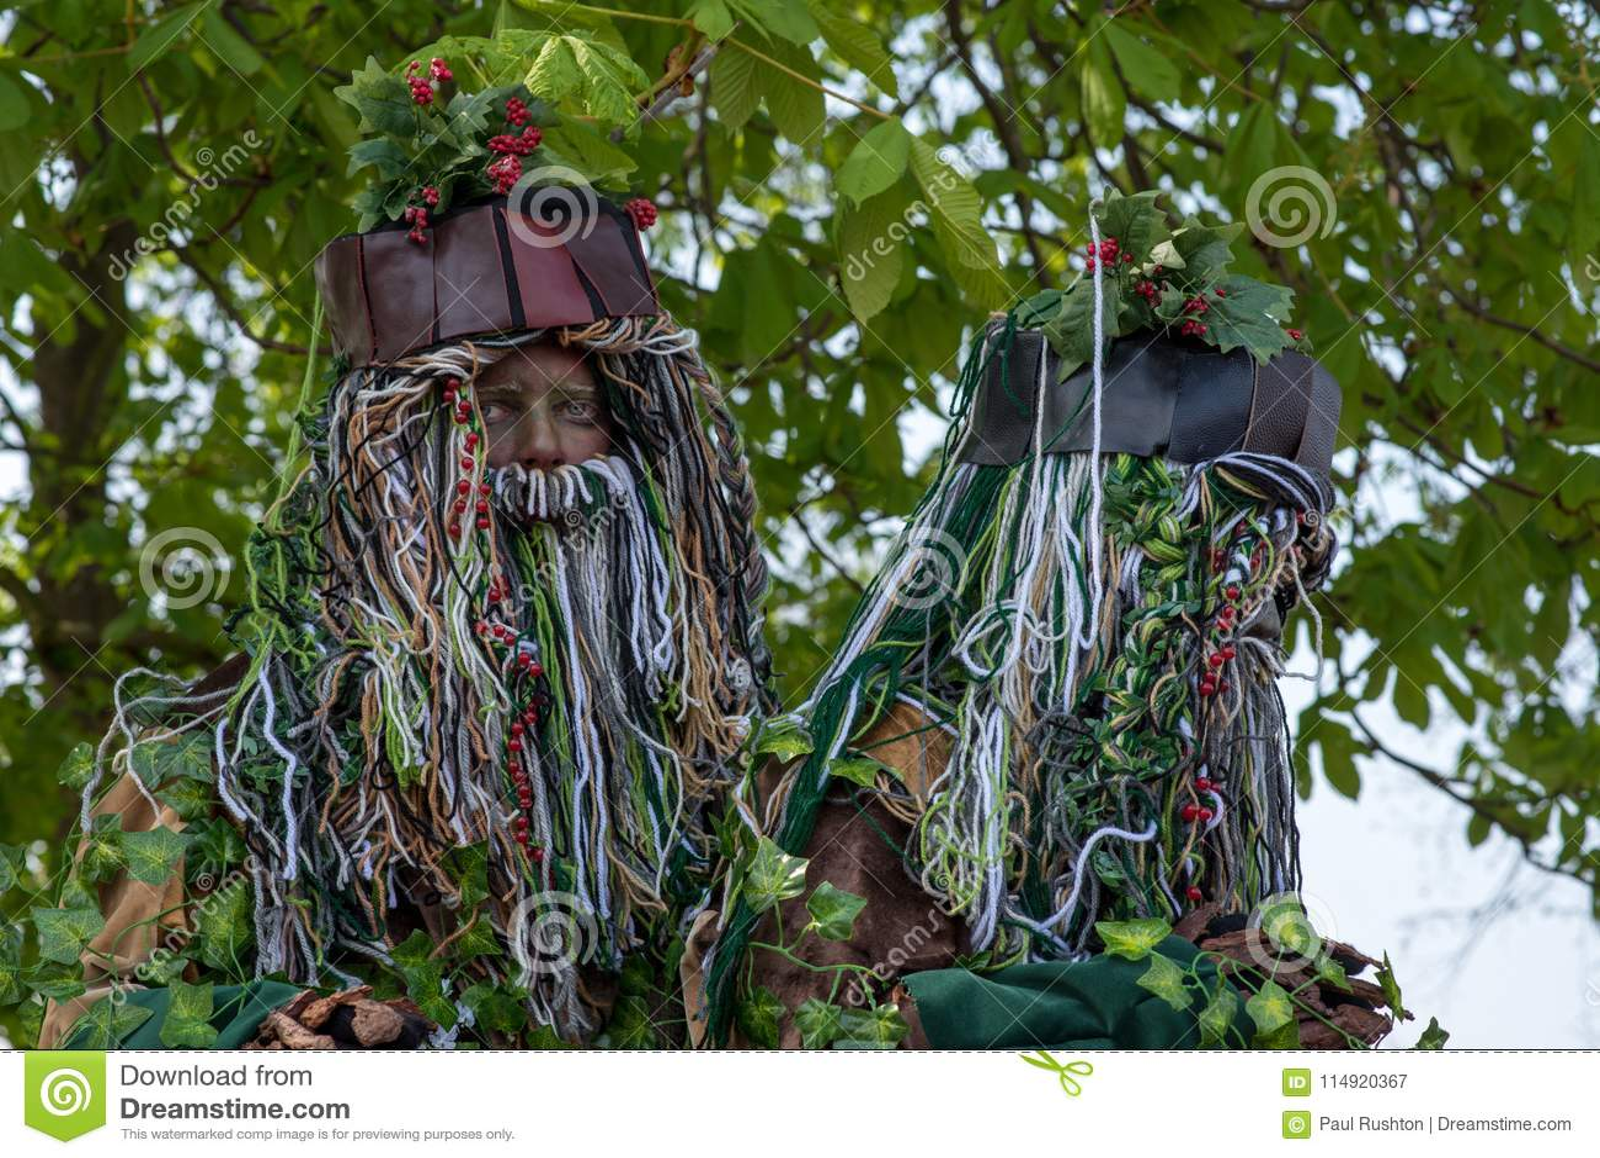 Ζευγάρι των δαιμονίων δέντρων με τις μακριούς γενειάδες και τον ελαιόπρινο που στέκονται κάτω από το δέντρο κάστανων αλόγων